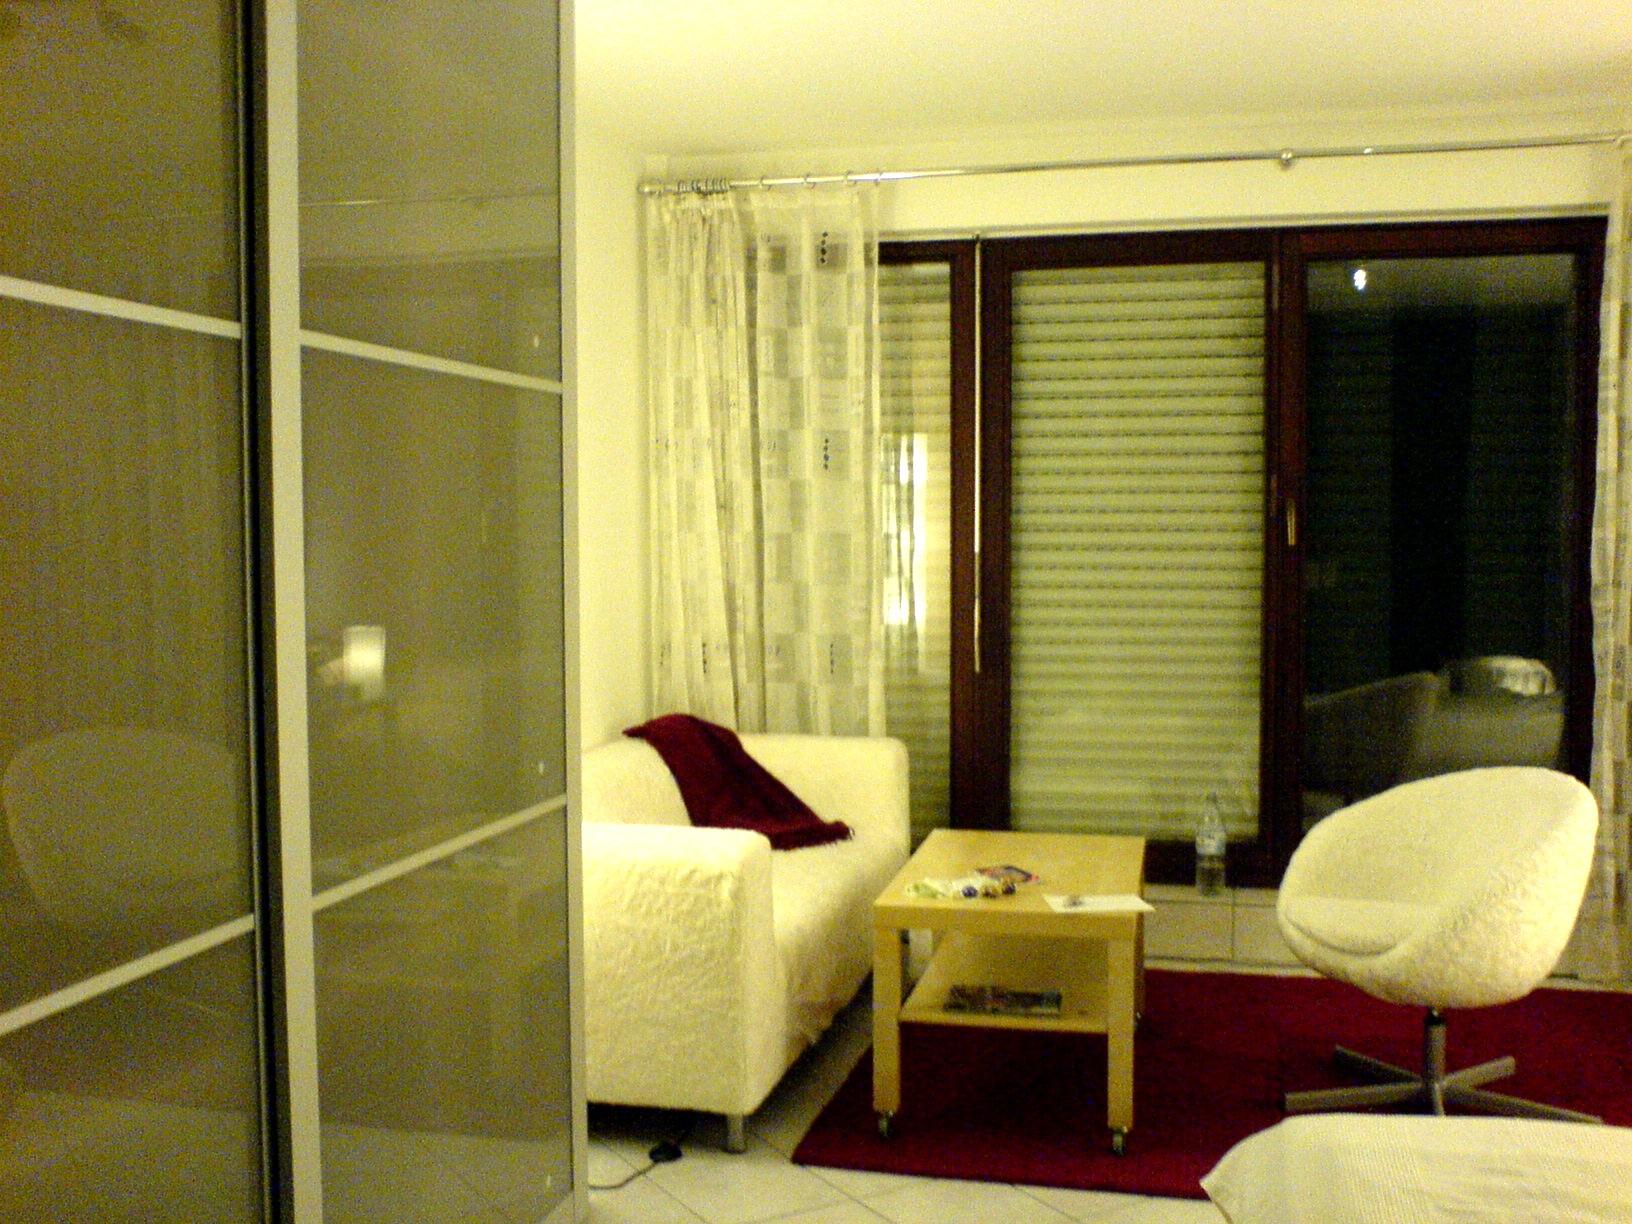 Kostenlose wohnzimmer kleinanzeigen - Wohnzimmer komplett gunstig ...